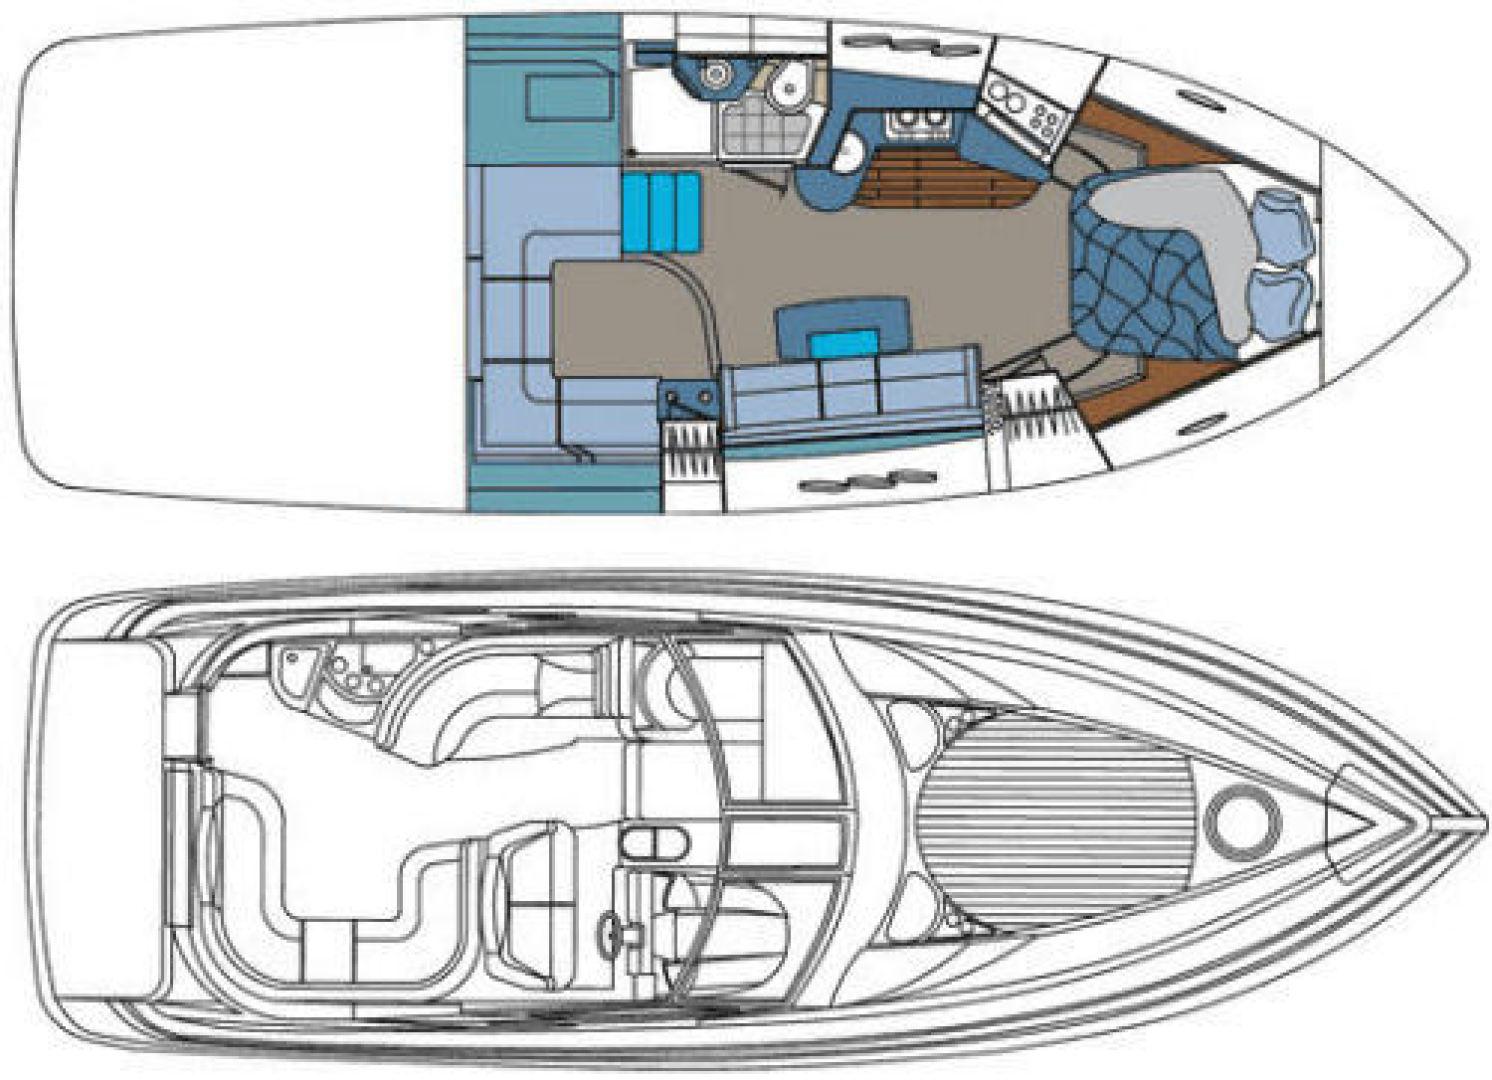 Cruisers Yachts-Express 360 2011-Insomnia Toronto-Canada-1488010 | Thumbnail